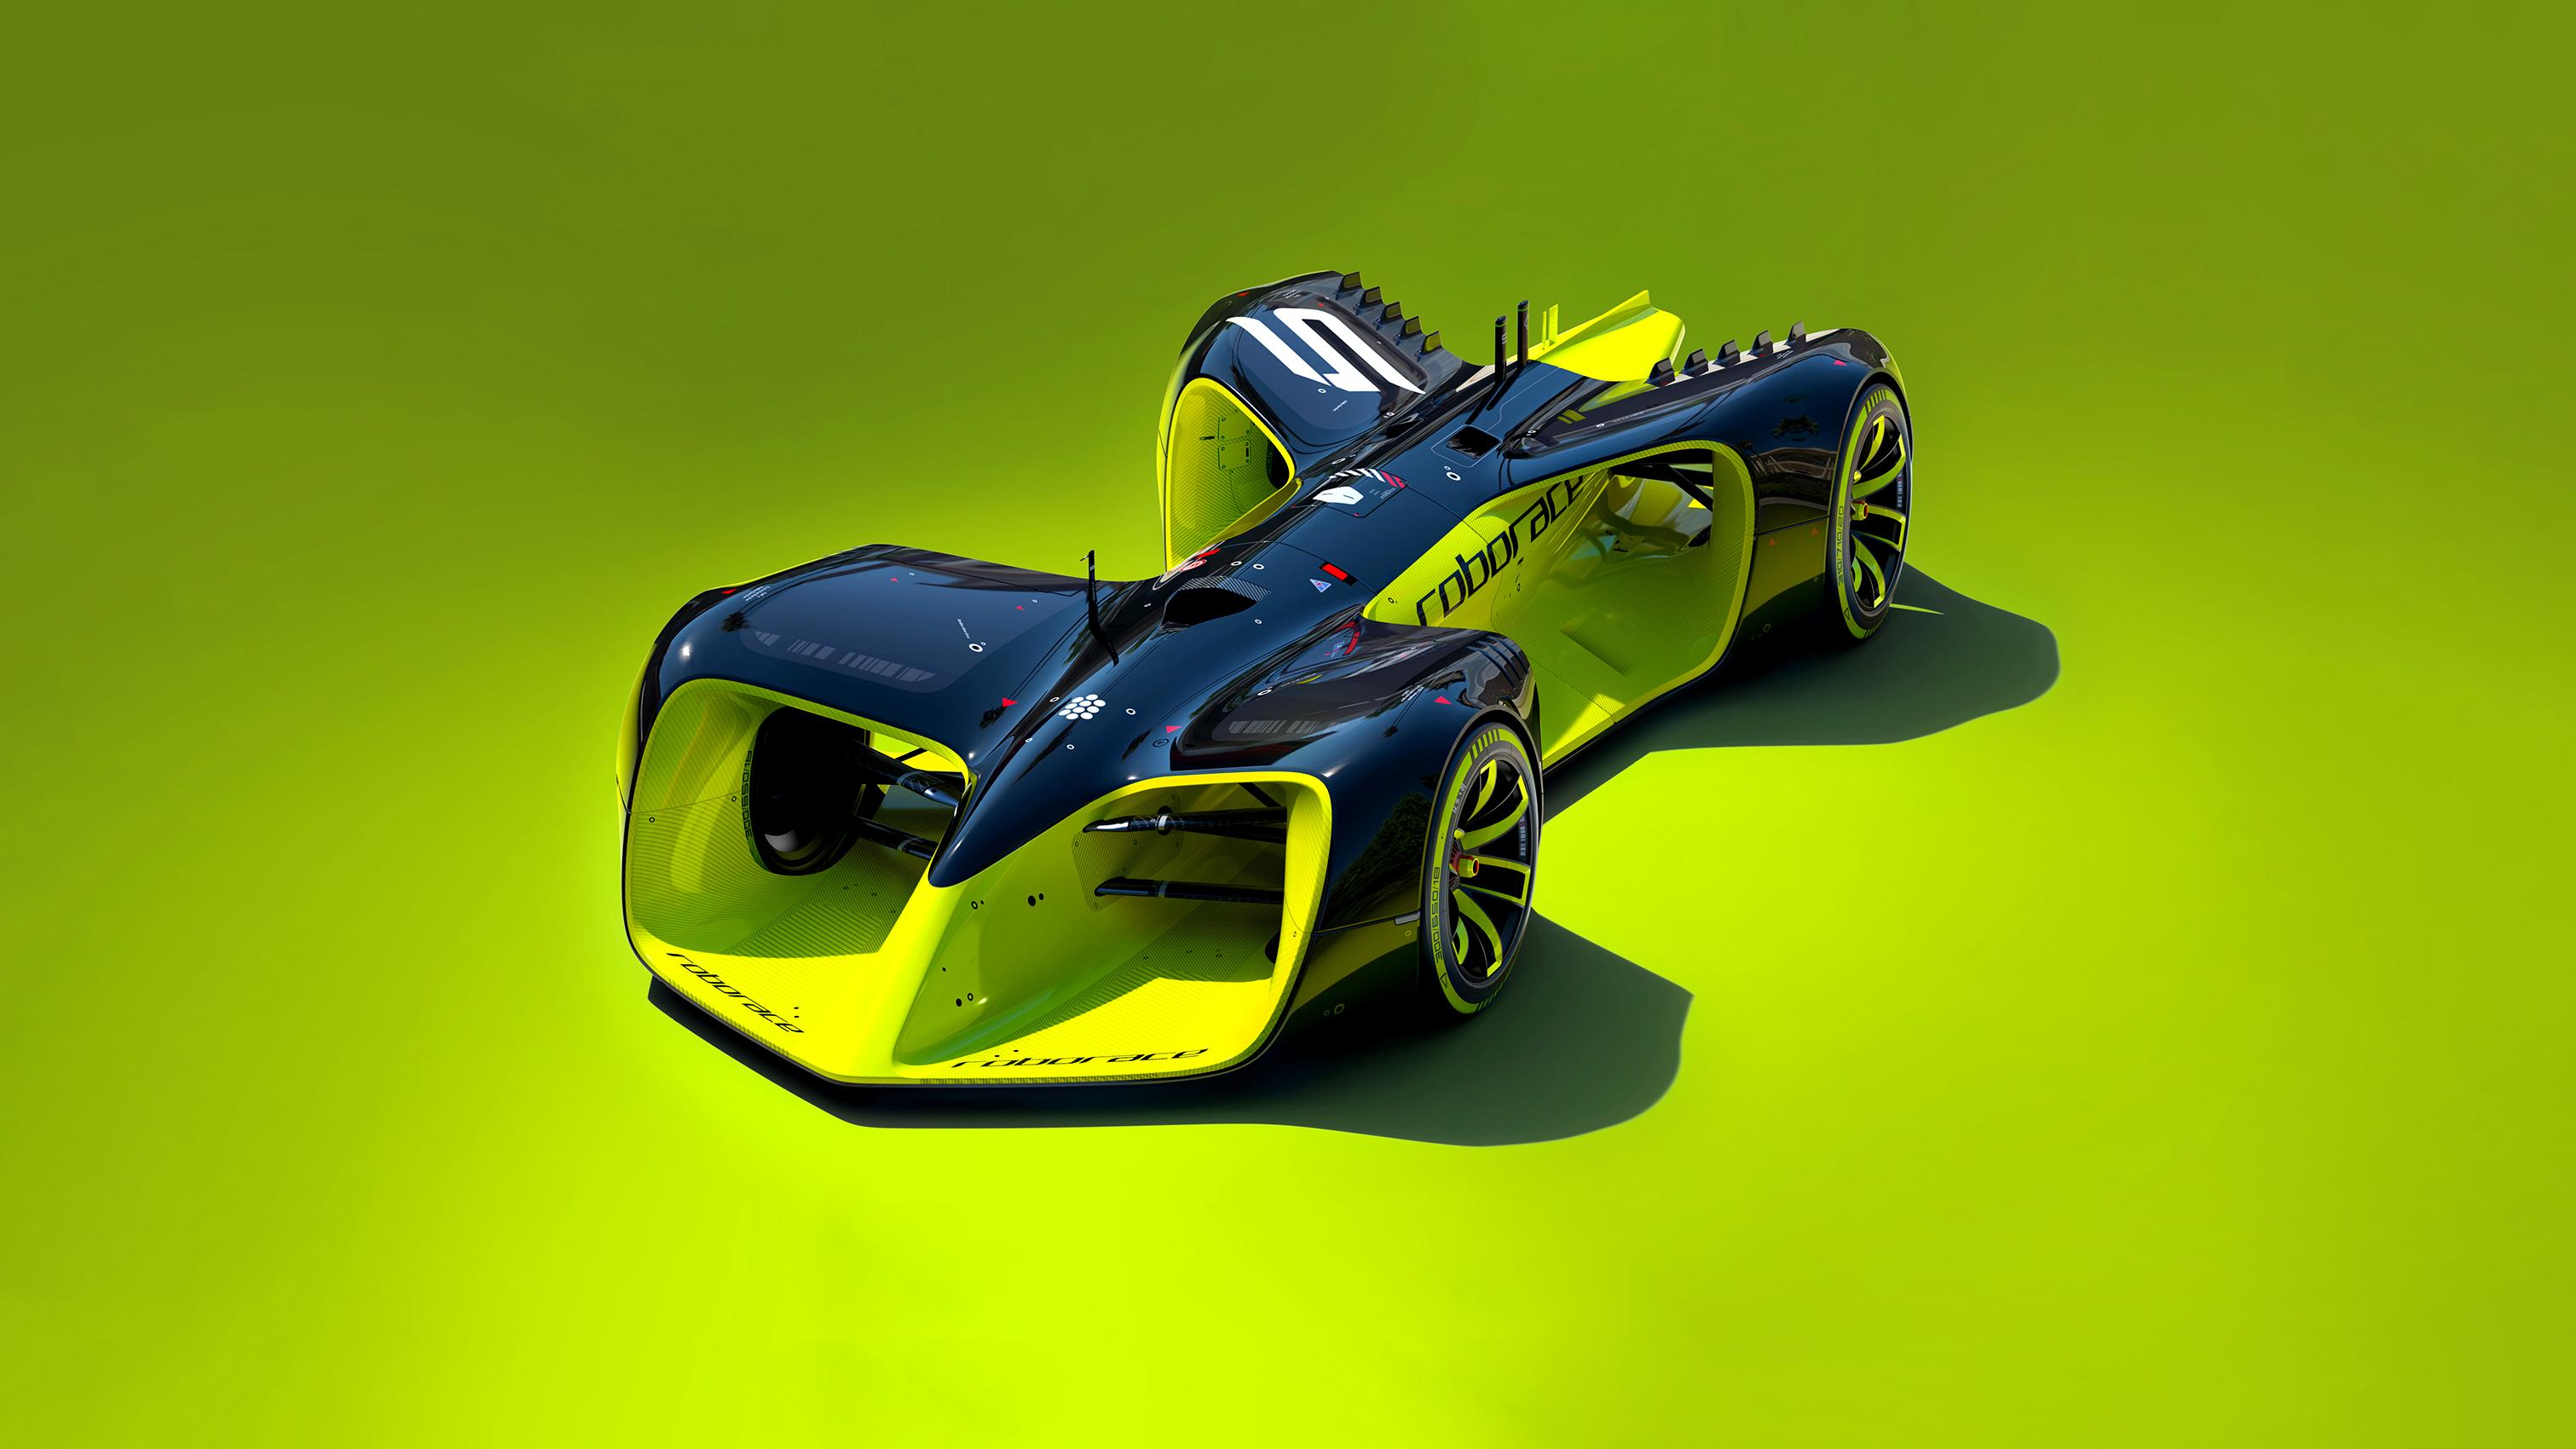 roborace des voitures de course sans pilotes au design futuriste. Black Bedroom Furniture Sets. Home Design Ideas